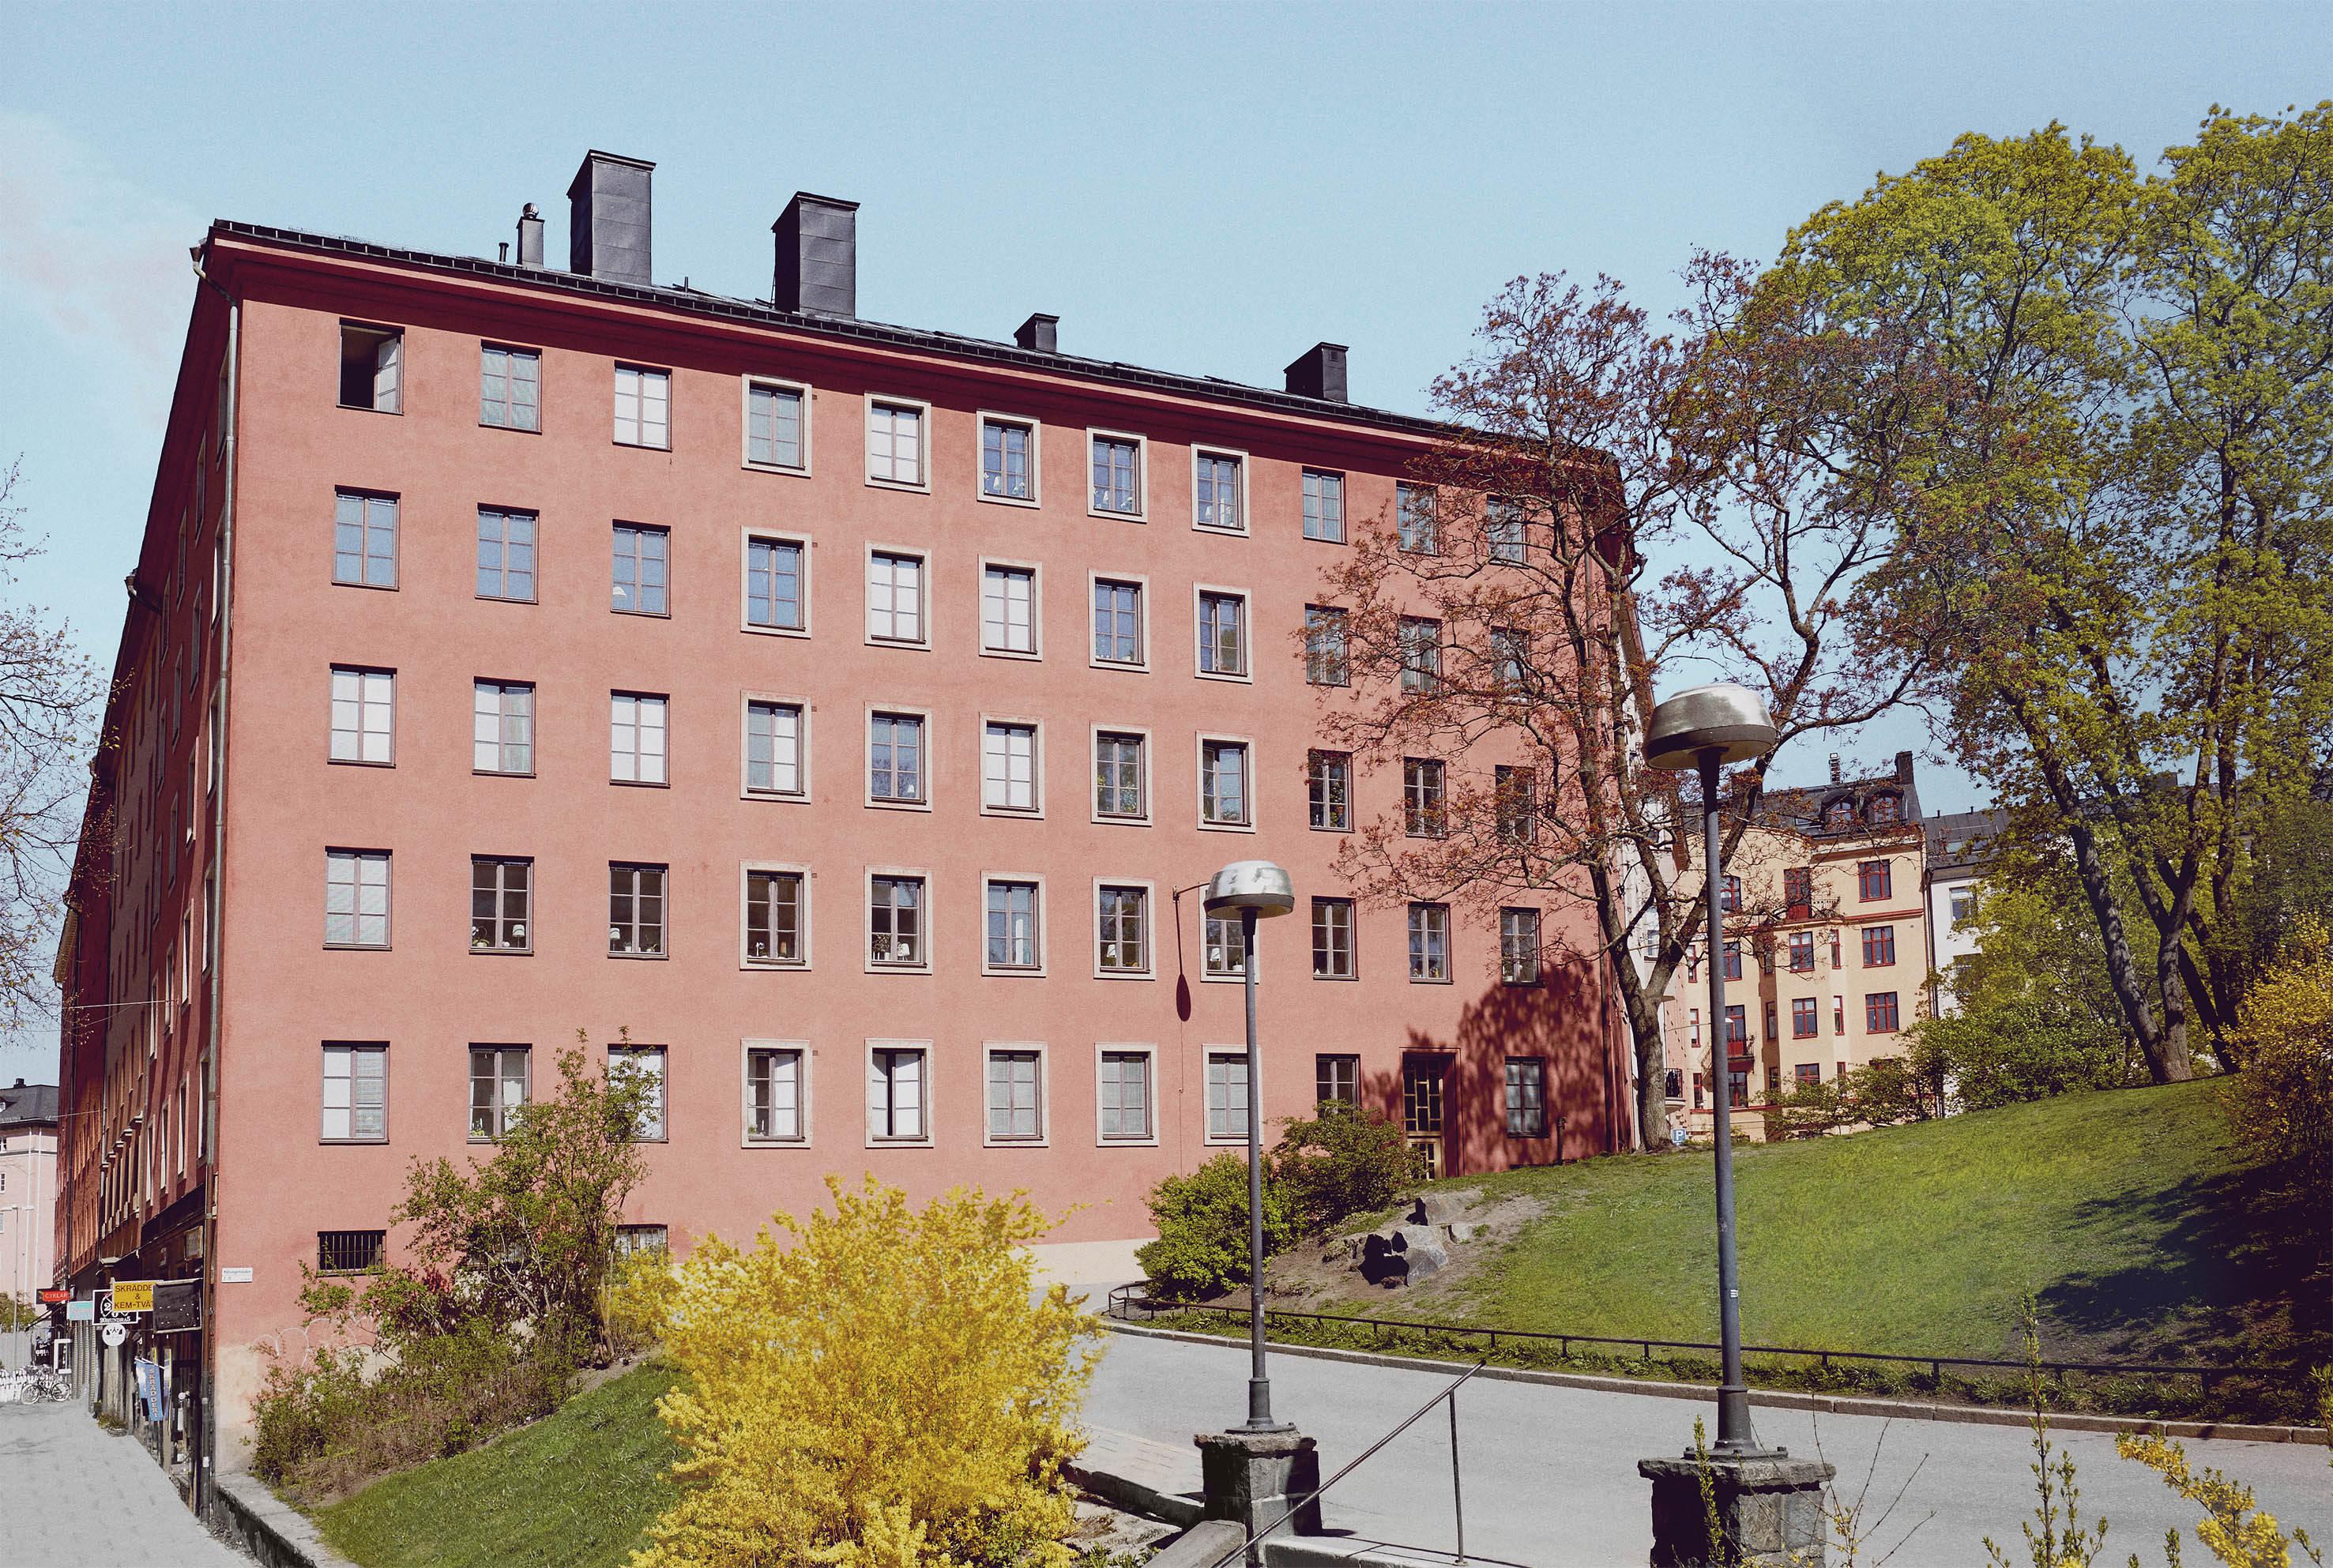 Fastigheten Valand 13 på Hälsingehöjden 7 och St Eriksgatan 102 i Vasastan.